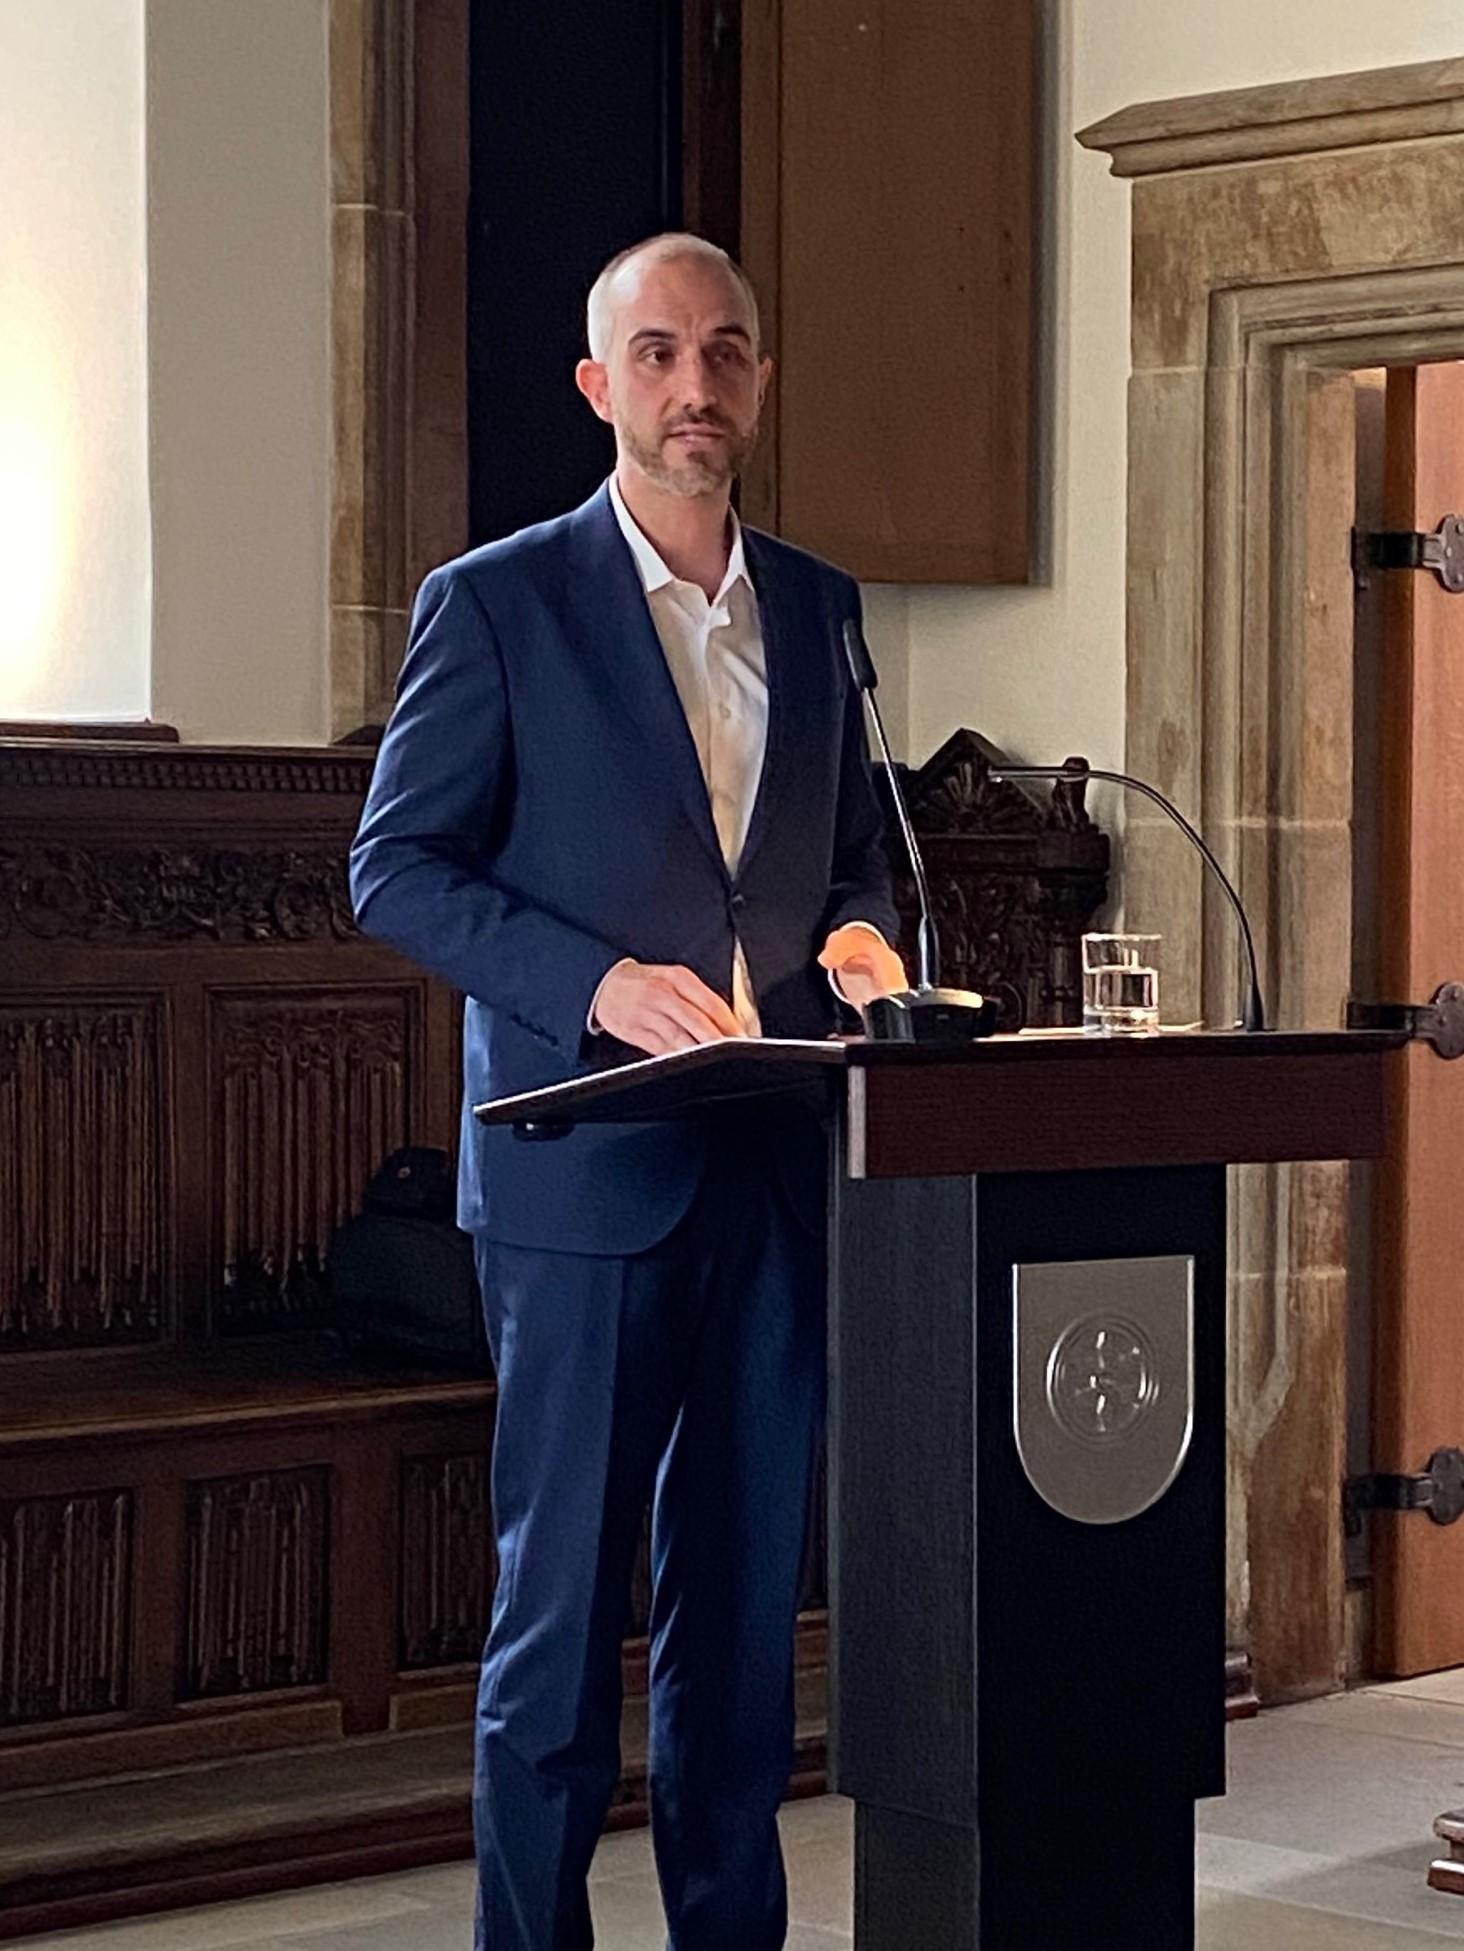 Oberbürgermeister Hannover Belit Onay am Rednerpult